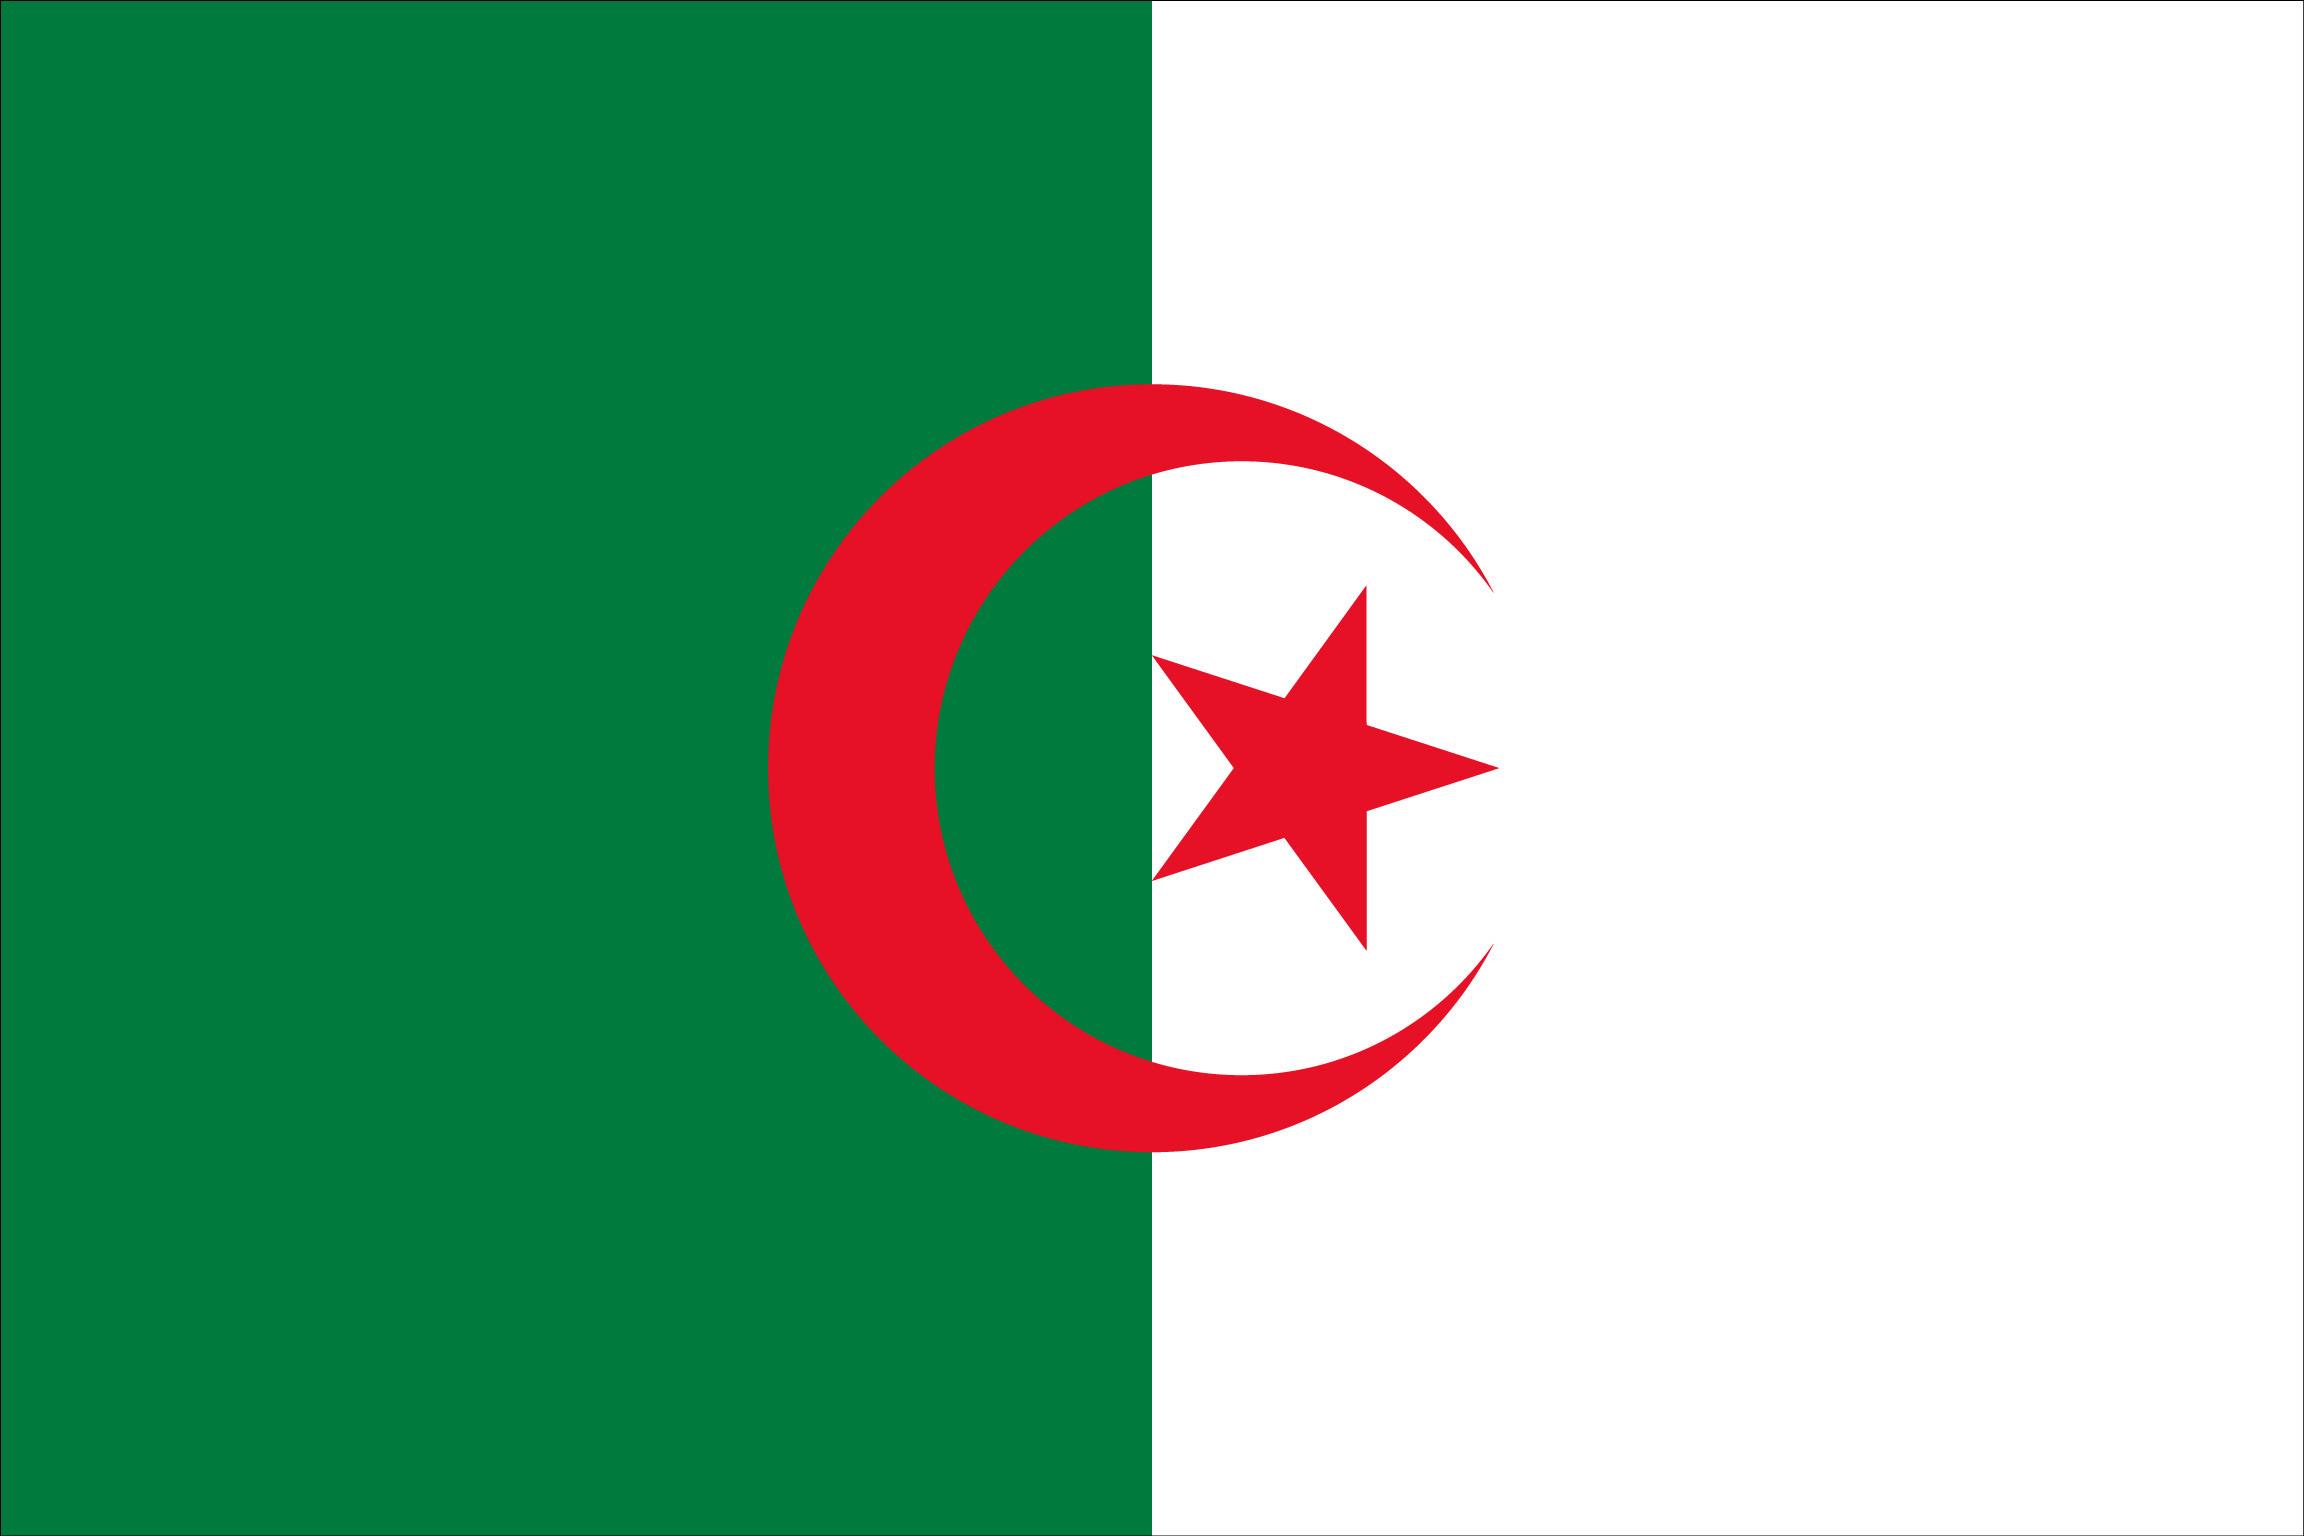 República Democrática Popular da Argélia